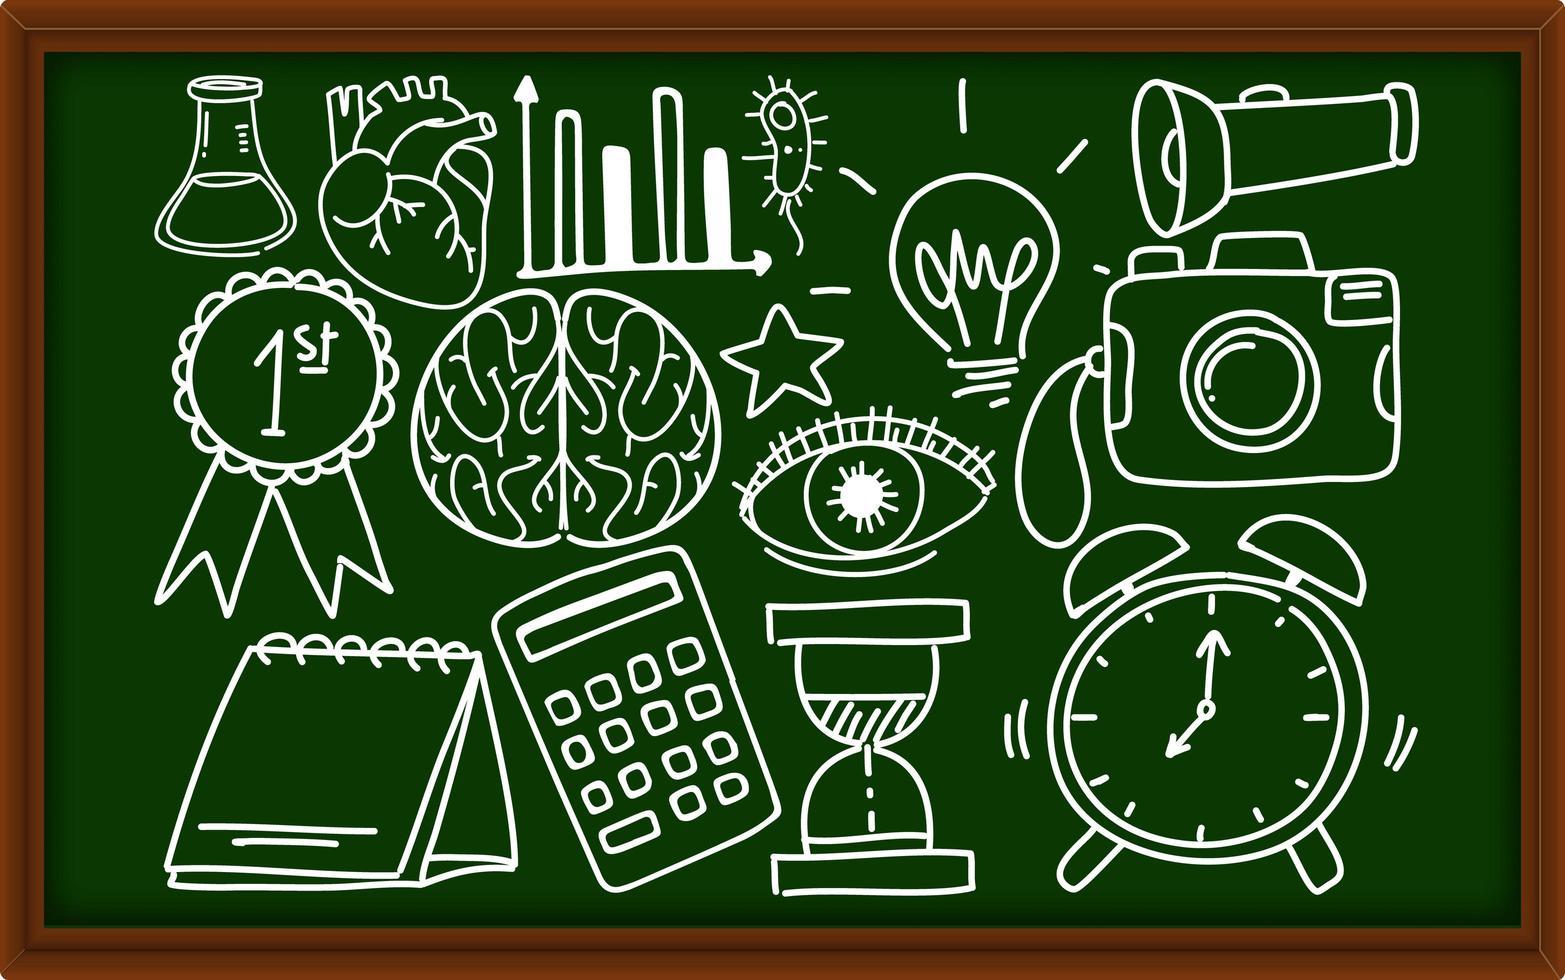 différents traits de griffonnage sur le matériel scolaire sur tableau noir vecteur